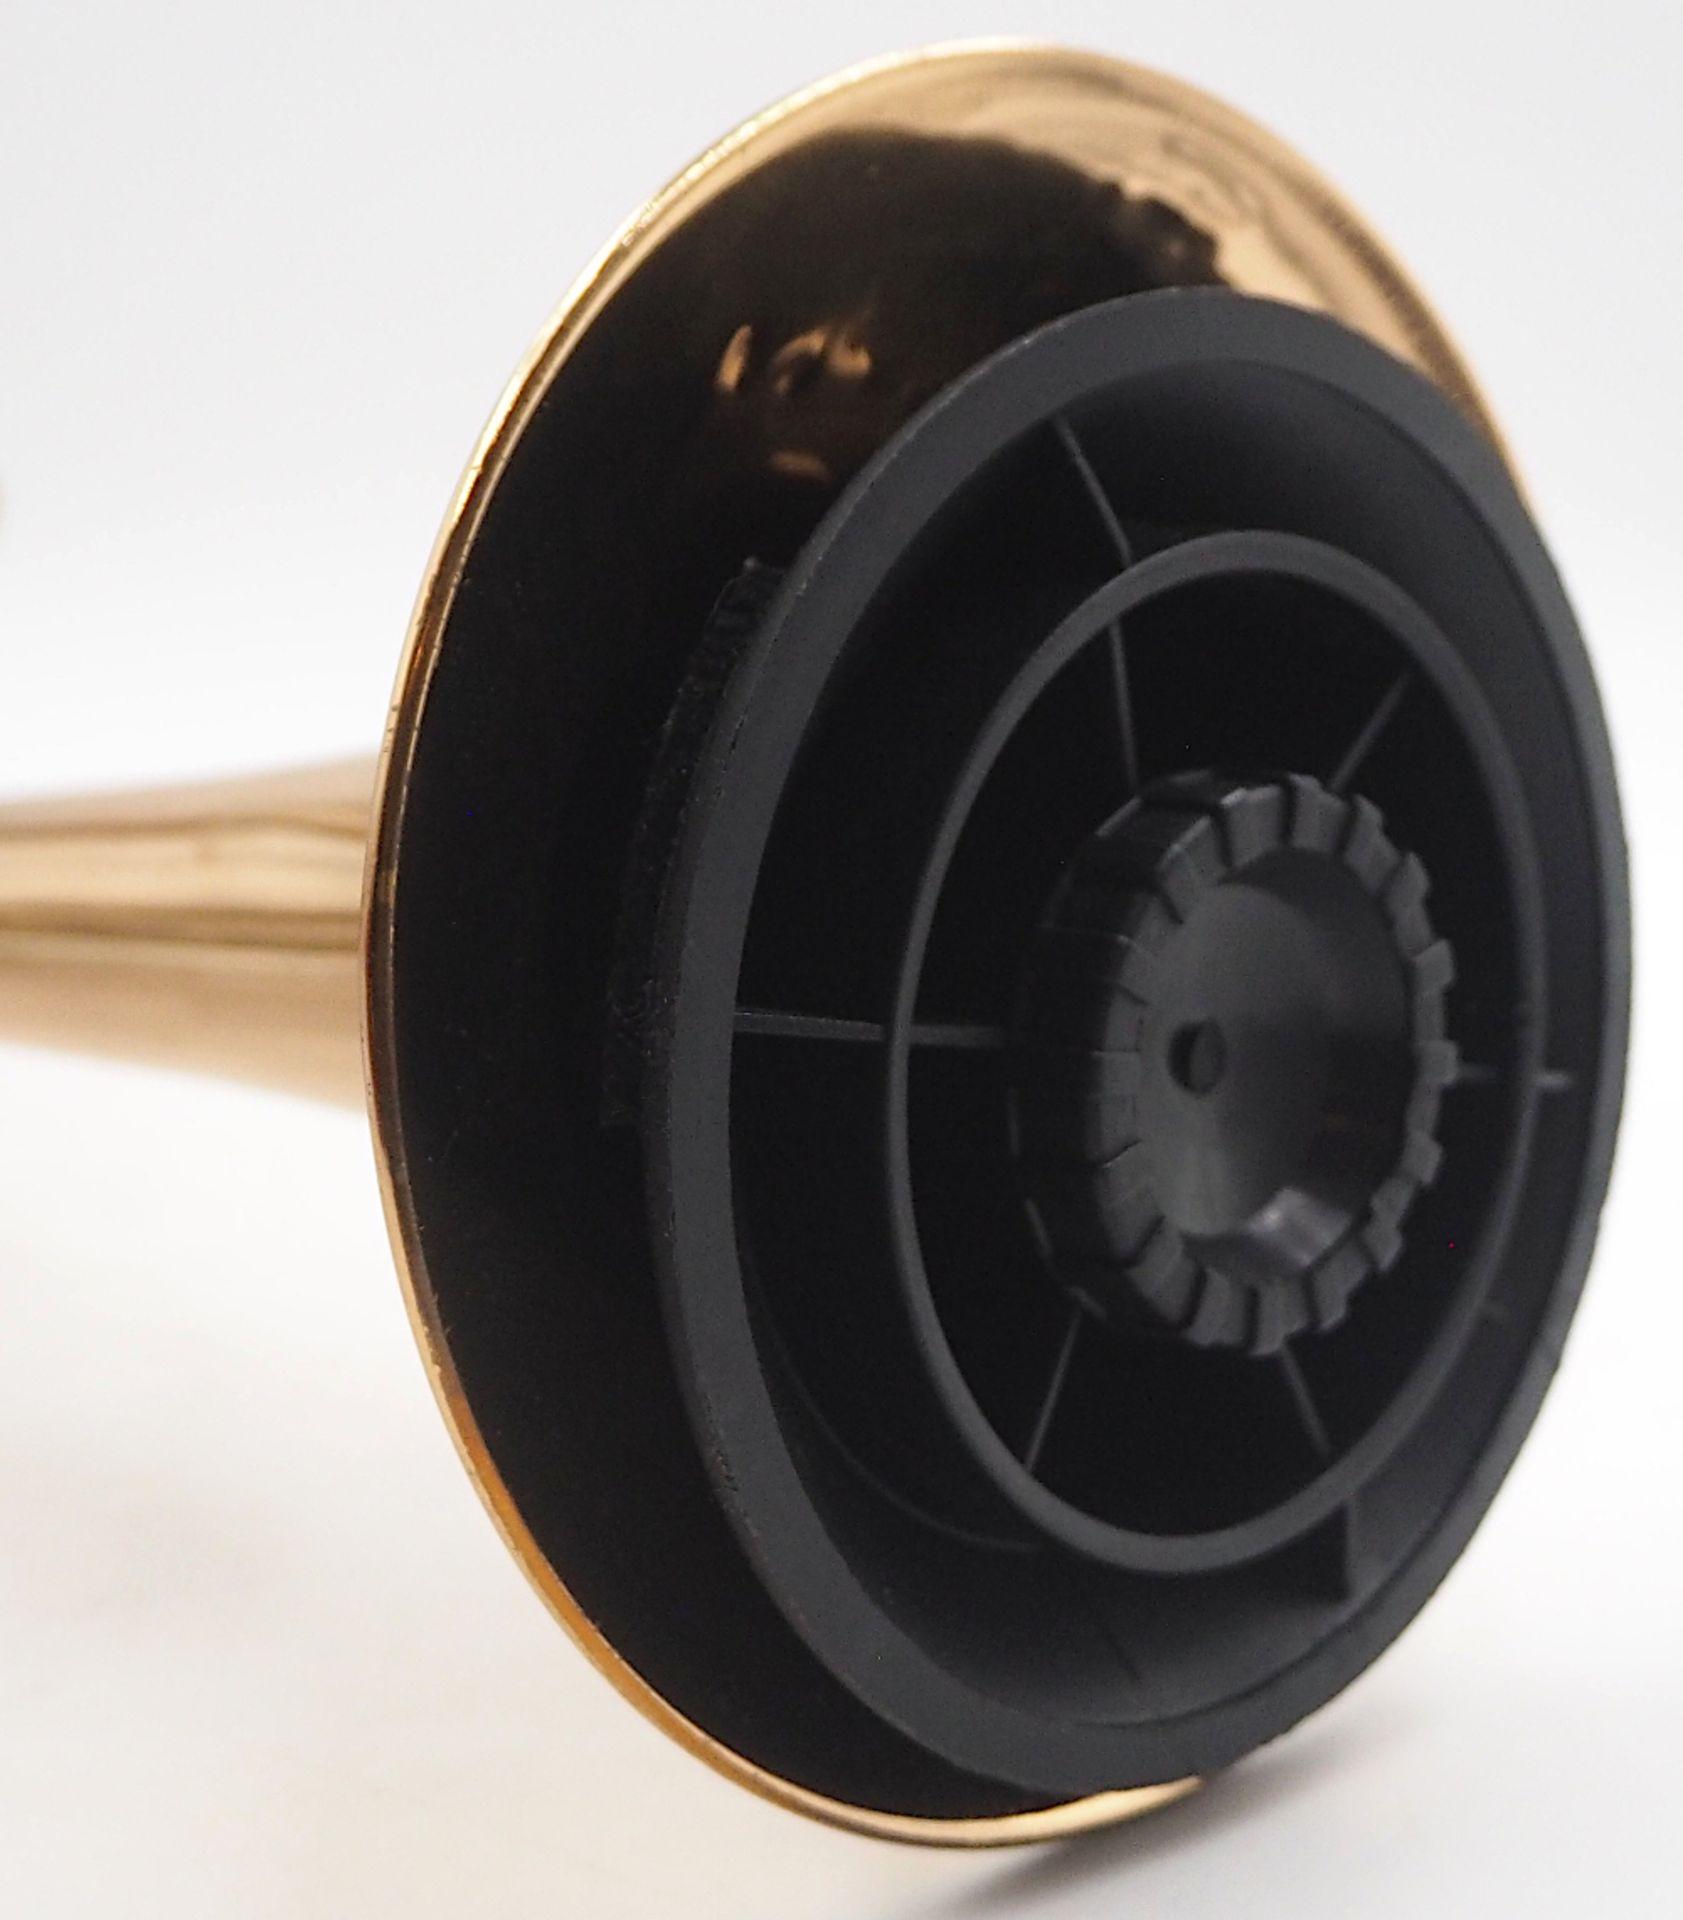 """1 Trompete SCHMIDTCO """"New Star"""" nztl. Messing, mit 3 Ventilen, L ca. 54cm, mit Trageko - Bild 2 aus 5"""